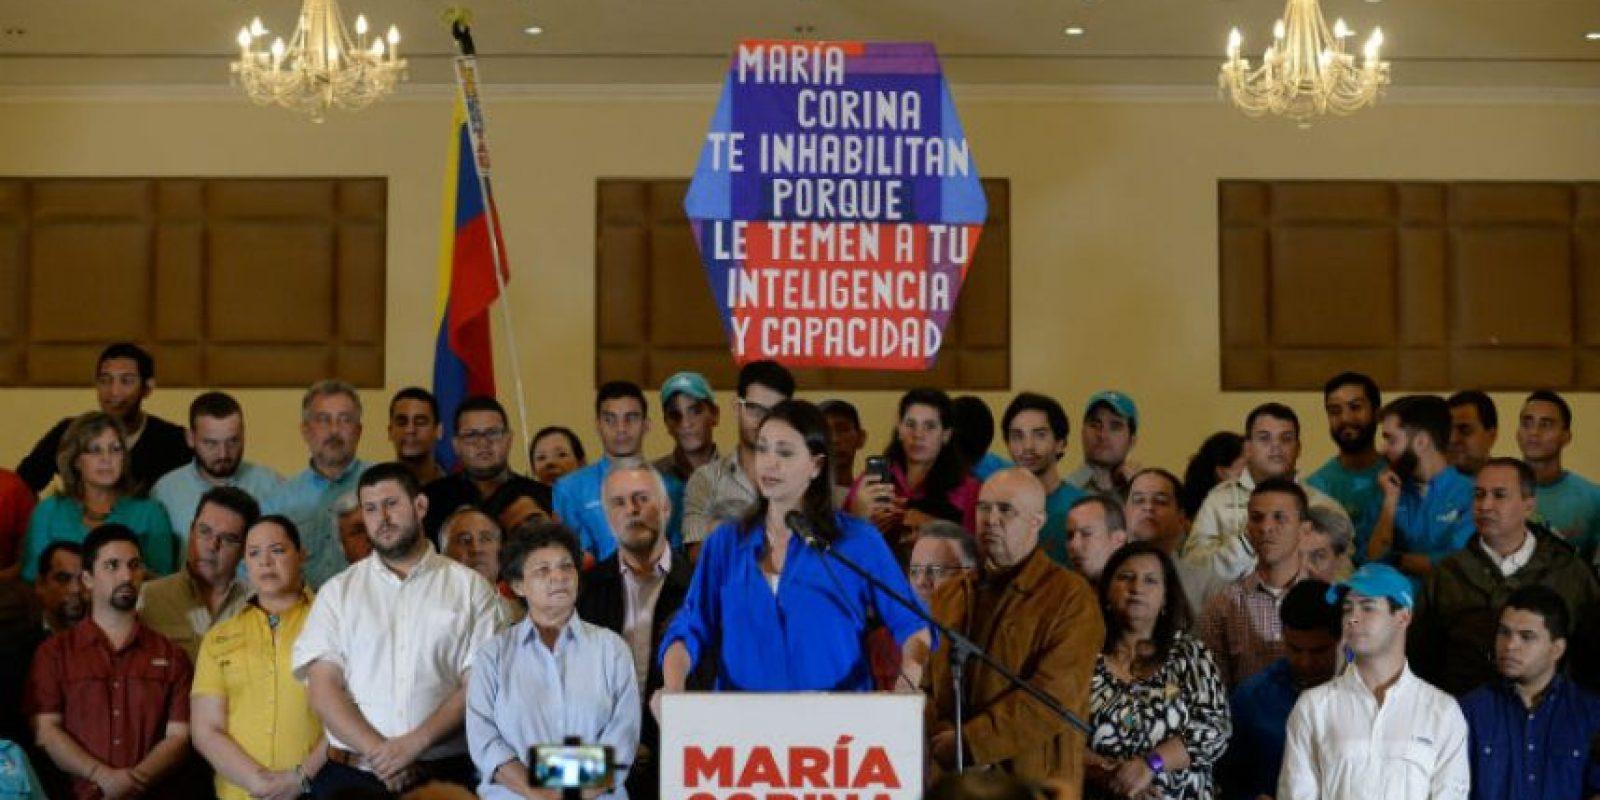 Machado es la segunda opositora del gobierno venezolano con problemas para participar en las elecciones. Foto:AFP